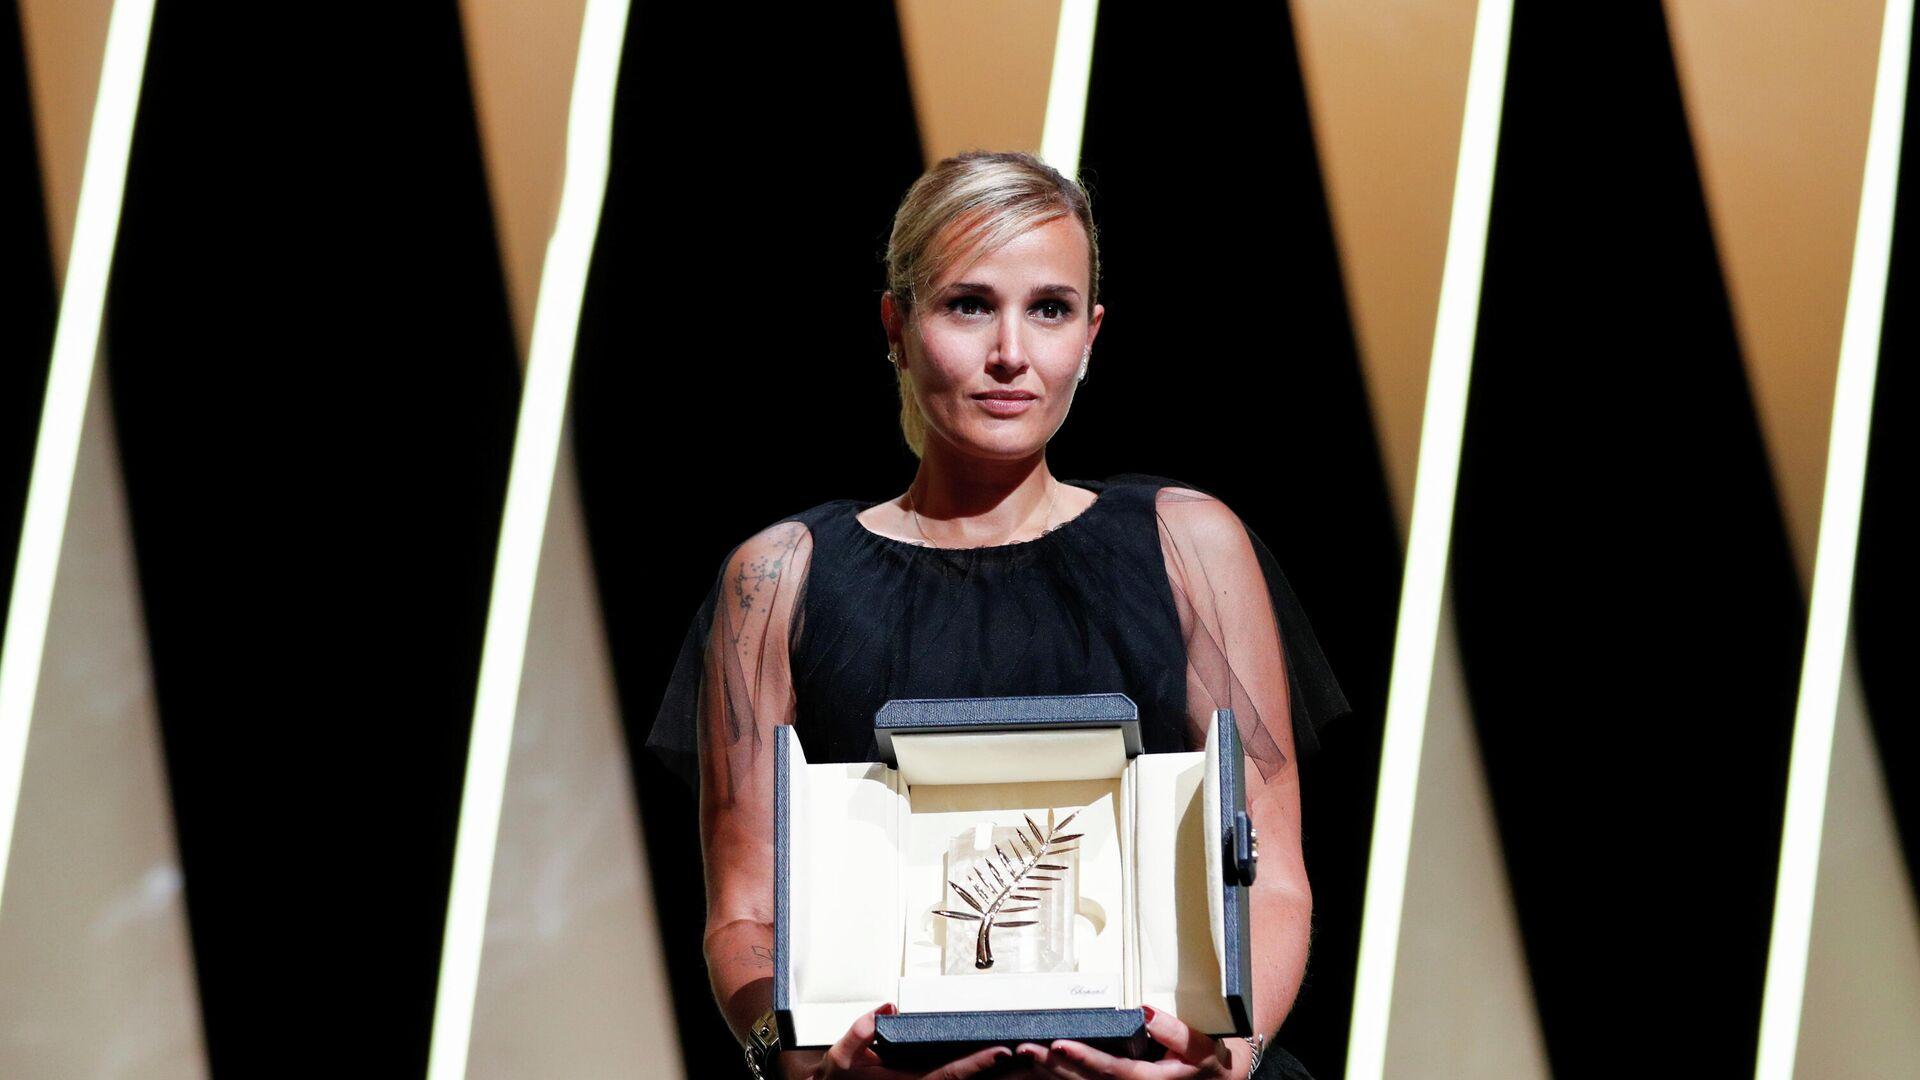 Julia Ducournau, directora francesa, recibe la Palma de Oro durante la ceremonia de premiación del 74º Festival de Cannes, en Francia, el 17 de julio del 2021 - Sputnik Mundo, 1920, 17.07.2021